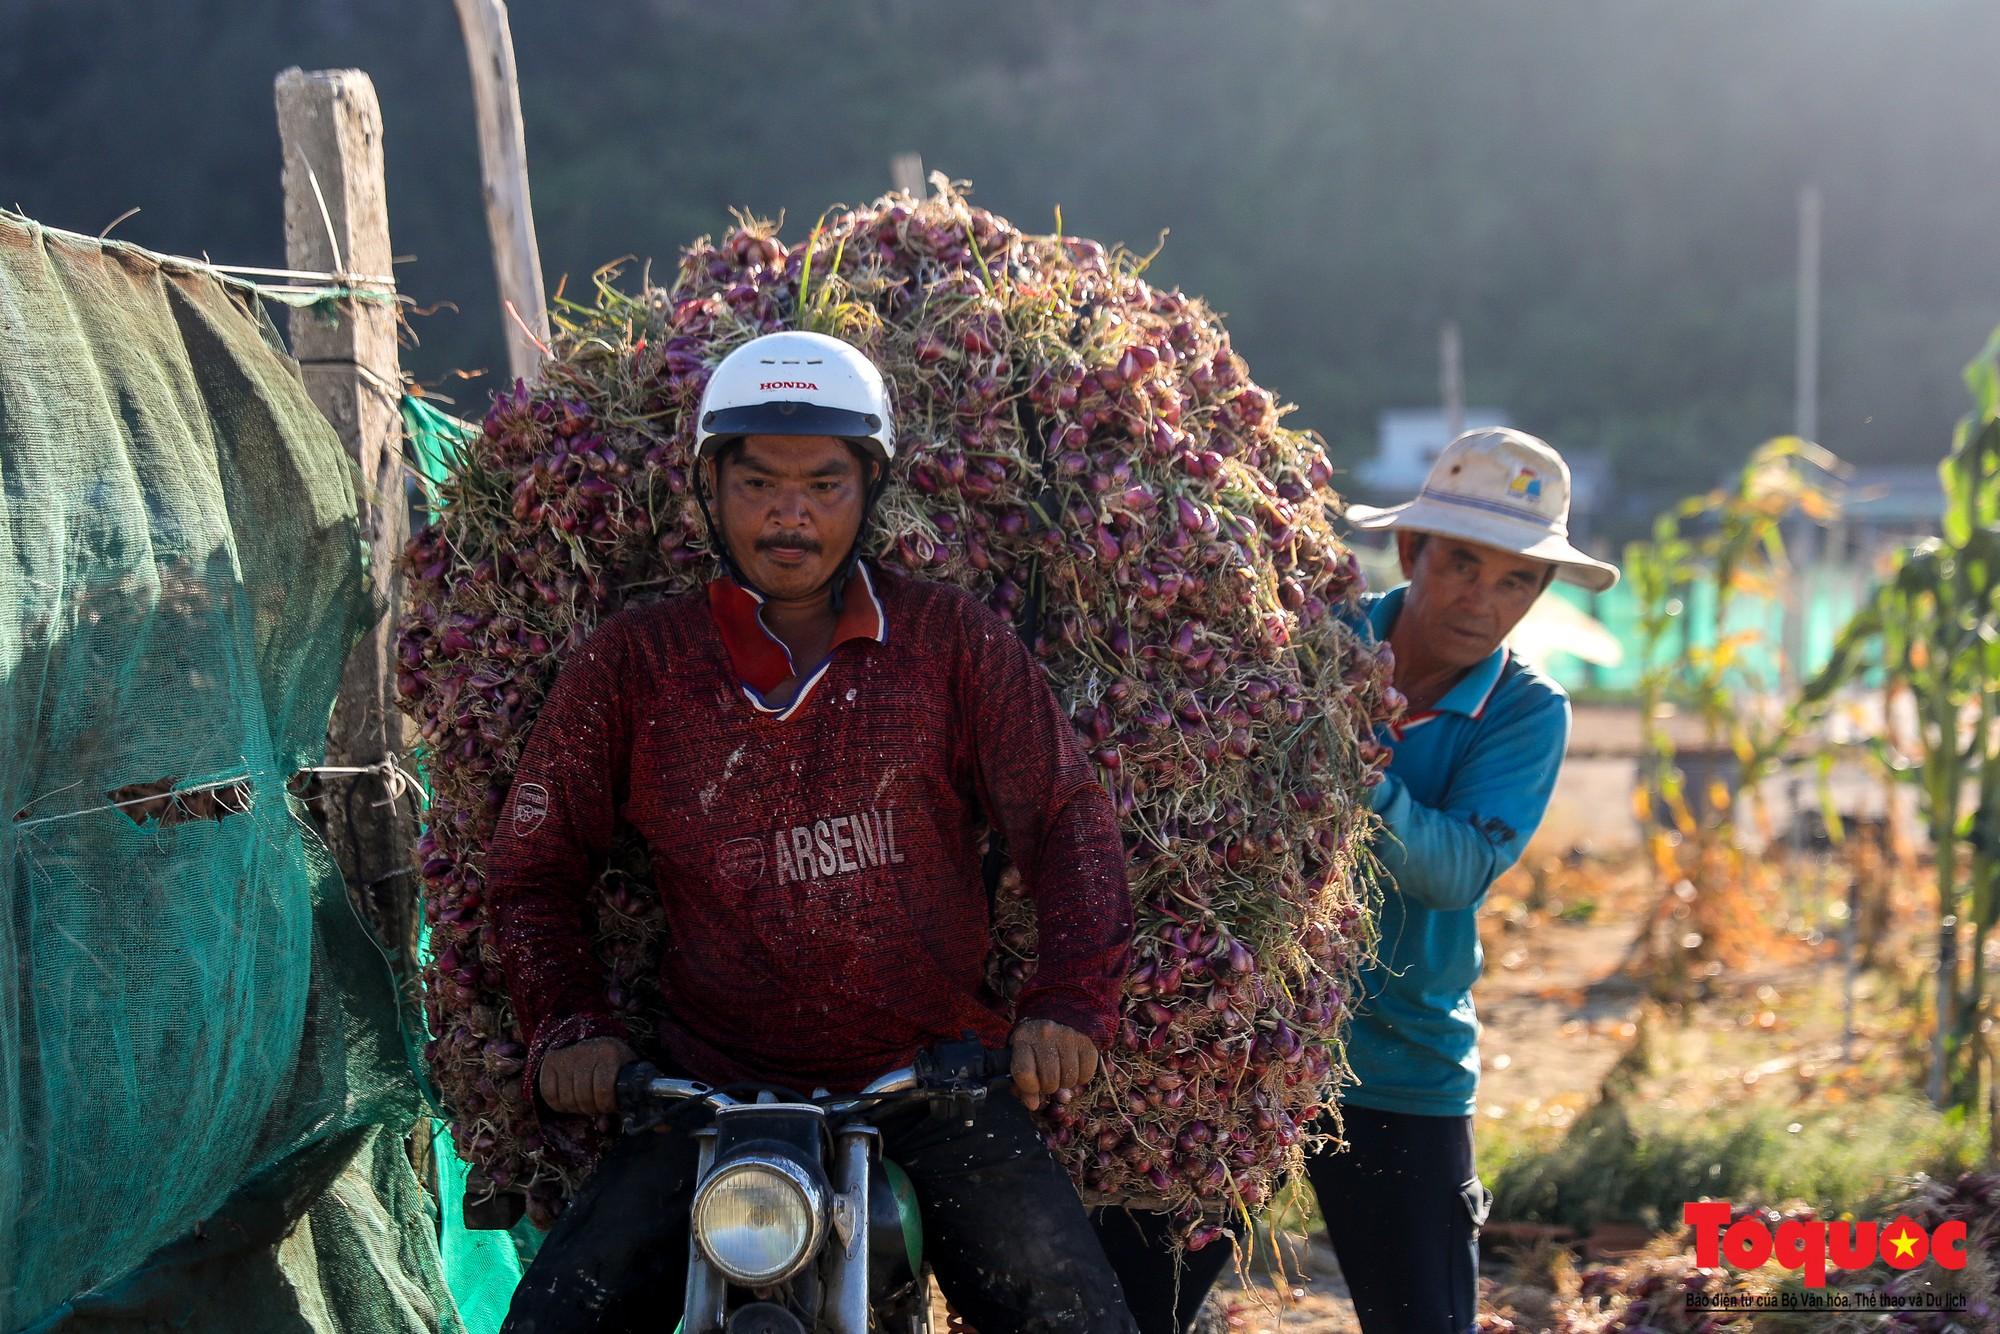 Hành tím Lý Sơn vào mùa thu hoạch: Nông dân phấn khởi vì giá tăng gấp đôi năm ngoái  - Ảnh 15.